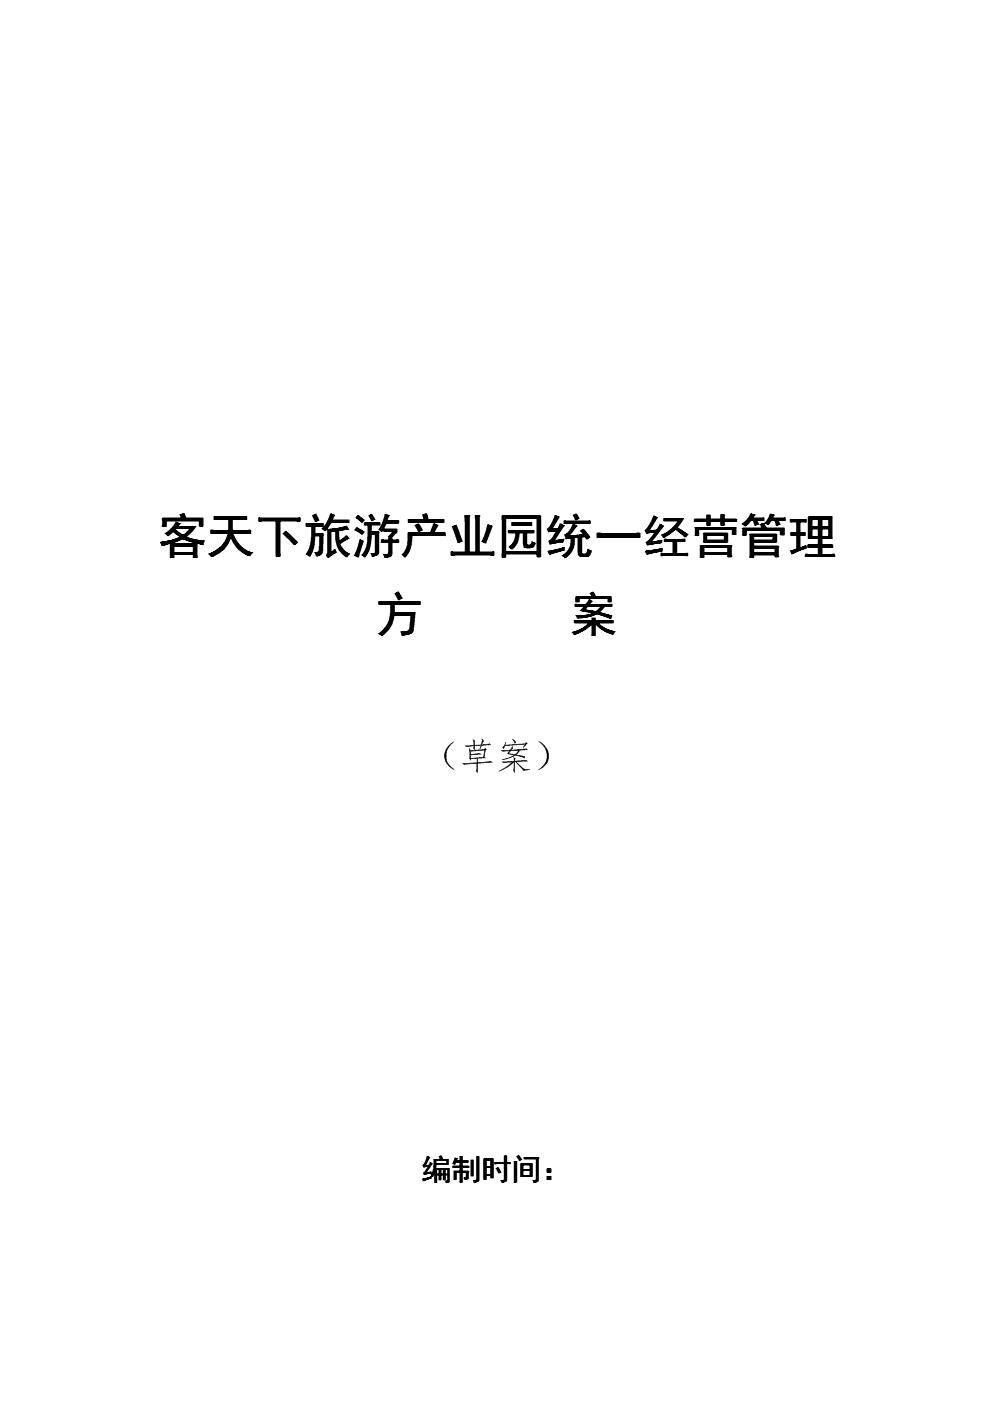 客天下旅游产业园统一管理方案1.doc